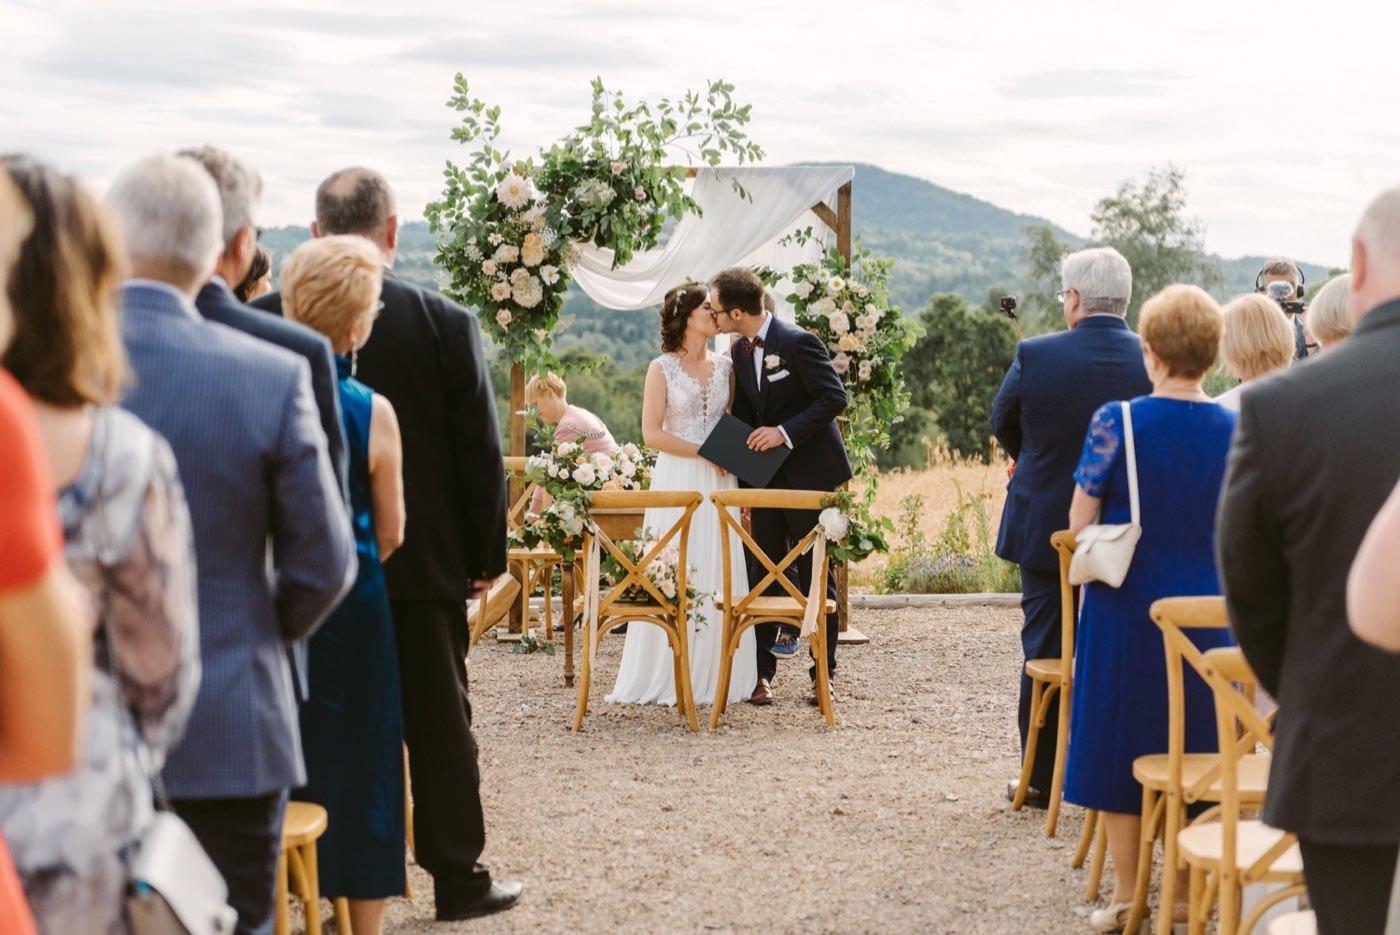 Ślub humanistyczny - co warto wiedzieć? 3